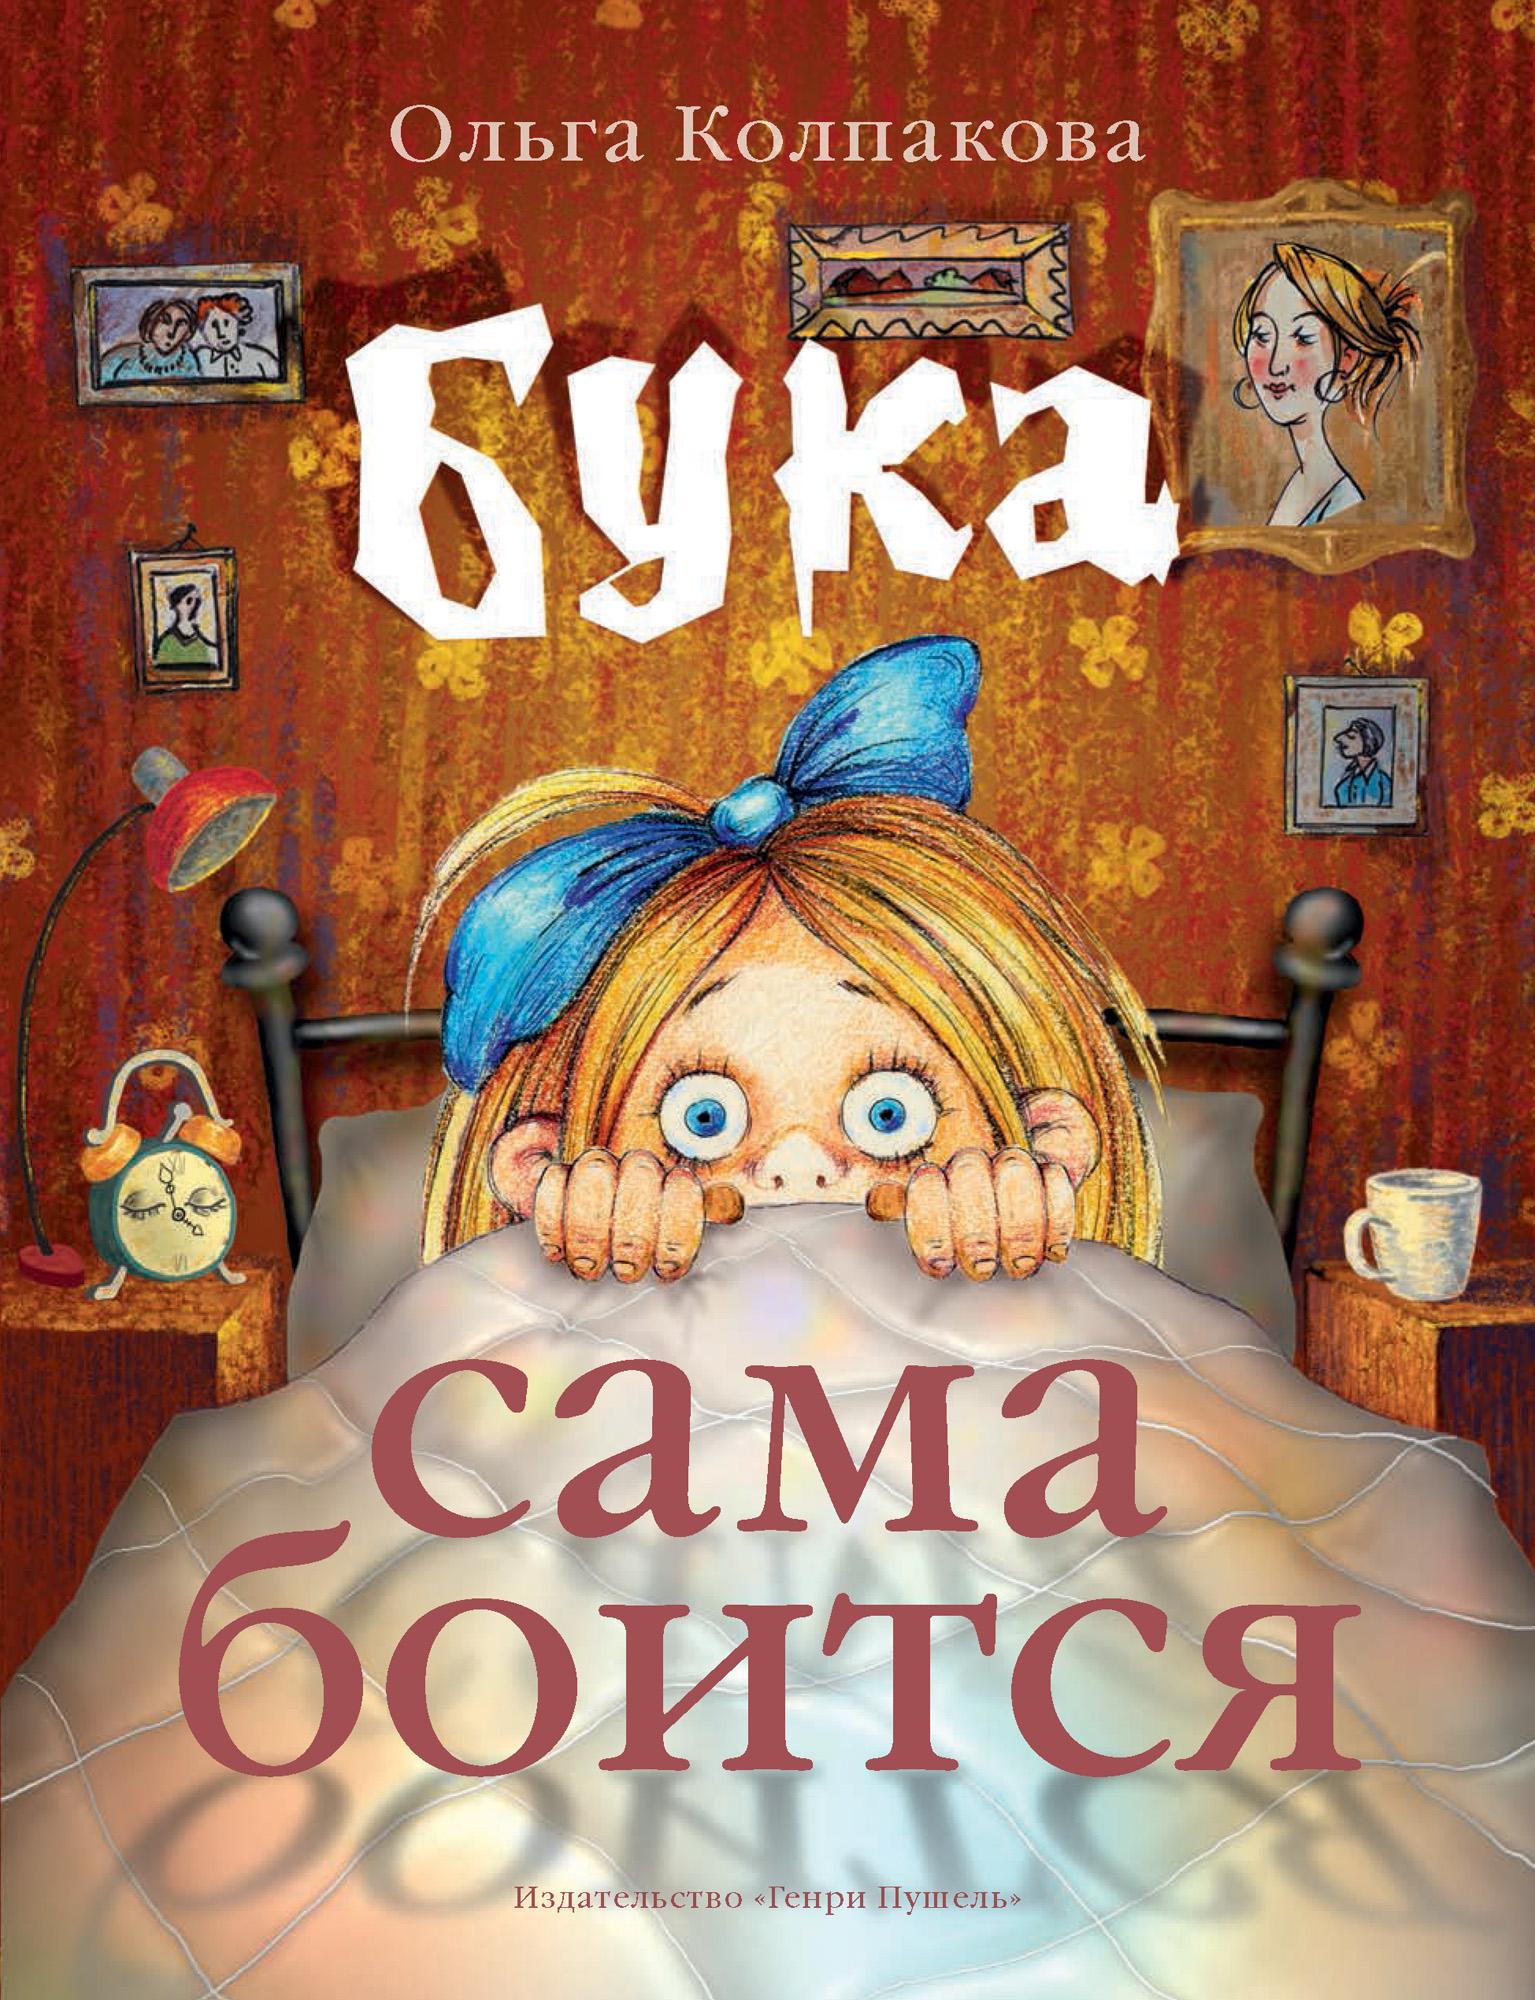 Ольга Колпакова Бука сама боится. Нестрашные сказки про страшную Буку